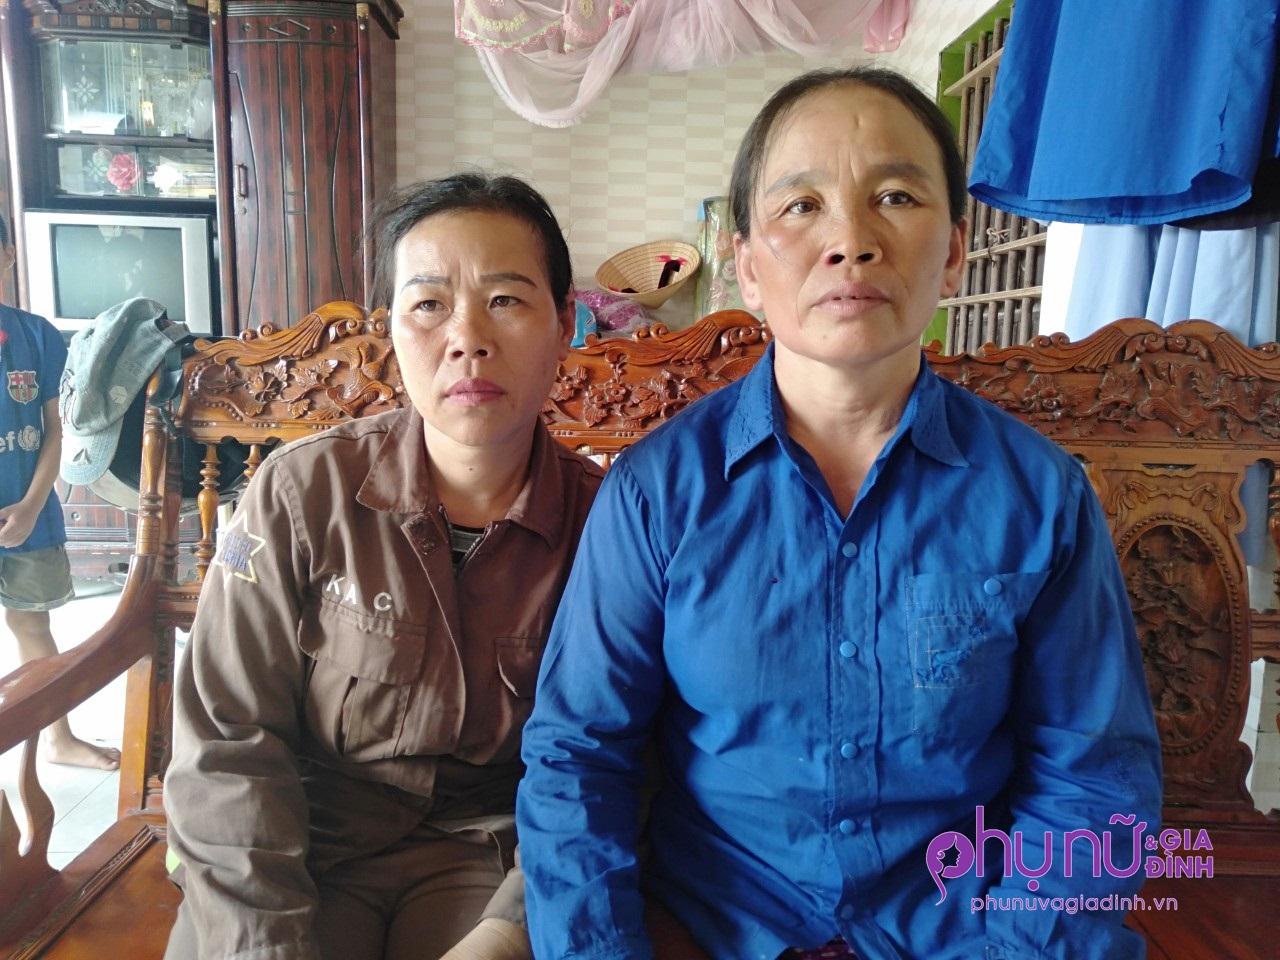 Éo le cuộc đời người phụ nữ đi cưới vợ cho chồng, chạy vạy khắp nơi kiếm tiền chữa bệnh ung thư cho vợ hai - Ảnh 2